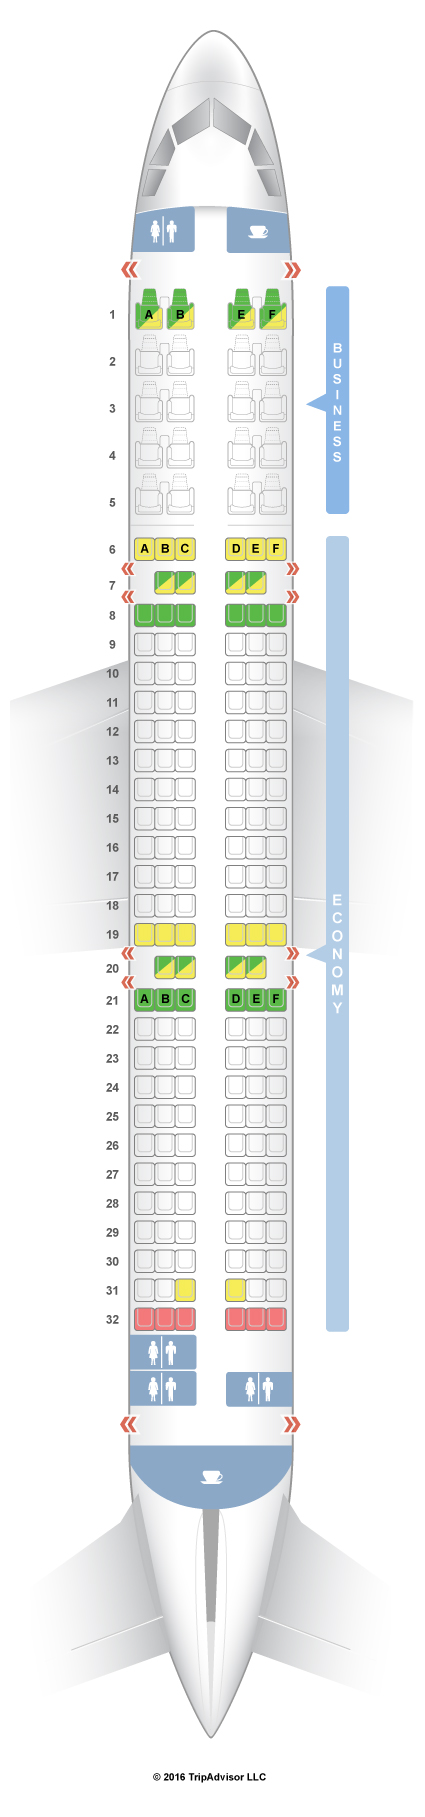 Схема салона вариант 2